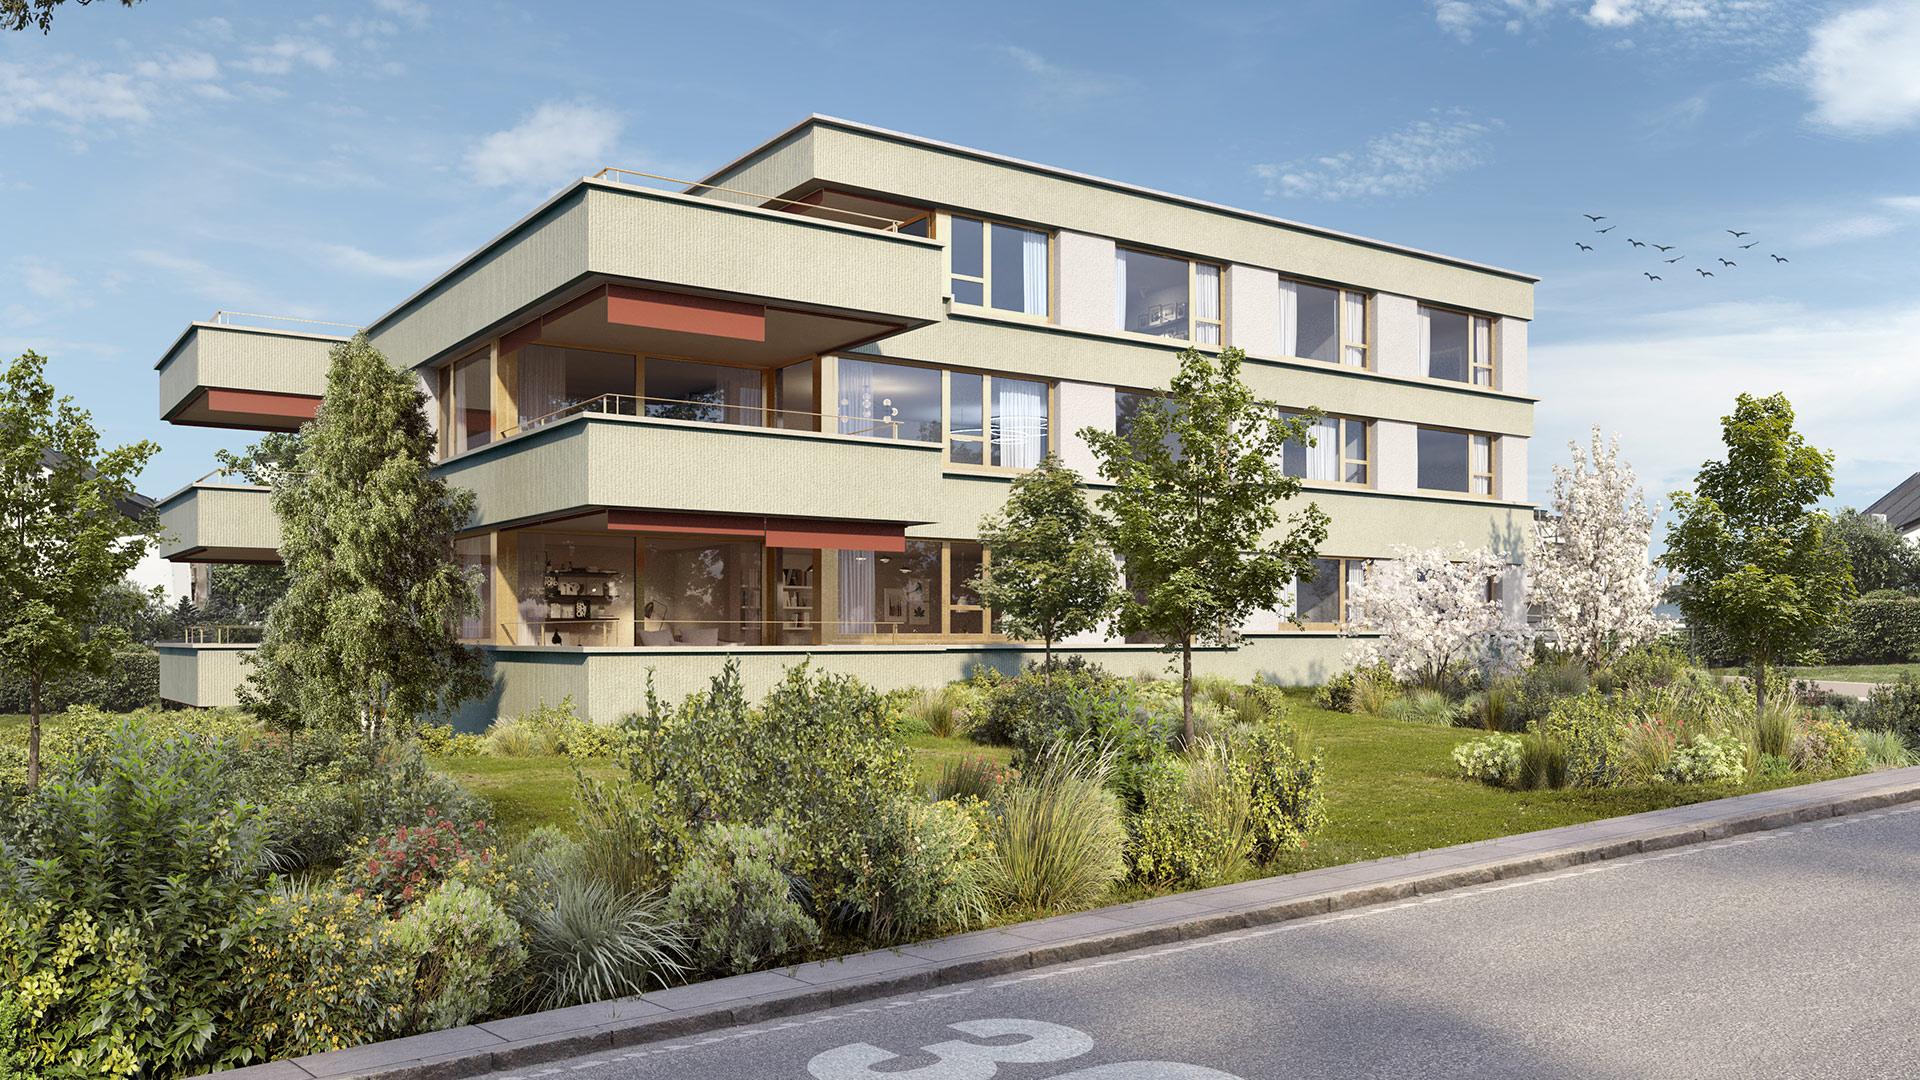 Wohnen im Park Berikon - Wohnung A3